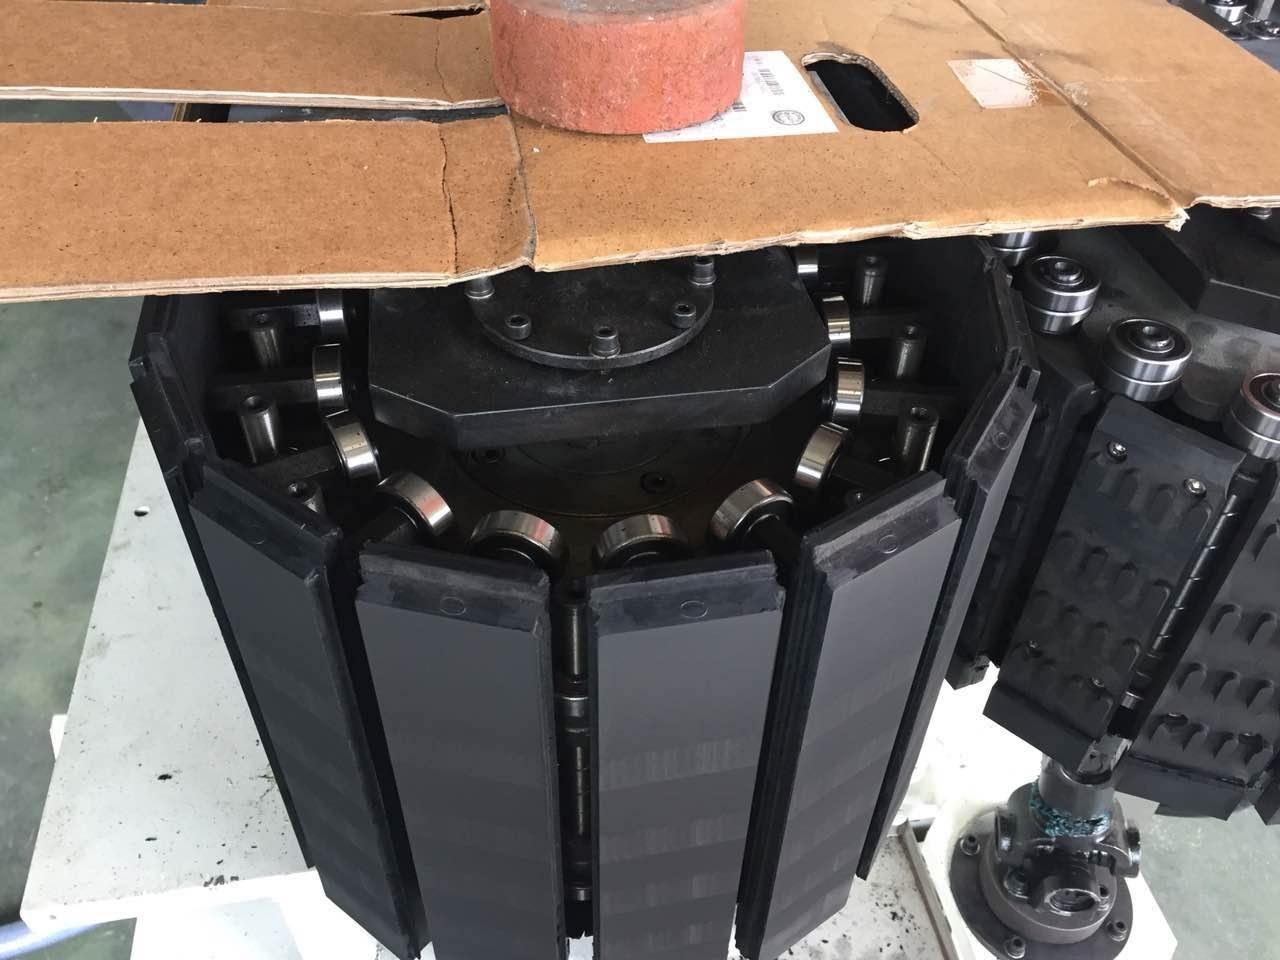 траки на станок для обработки стекла